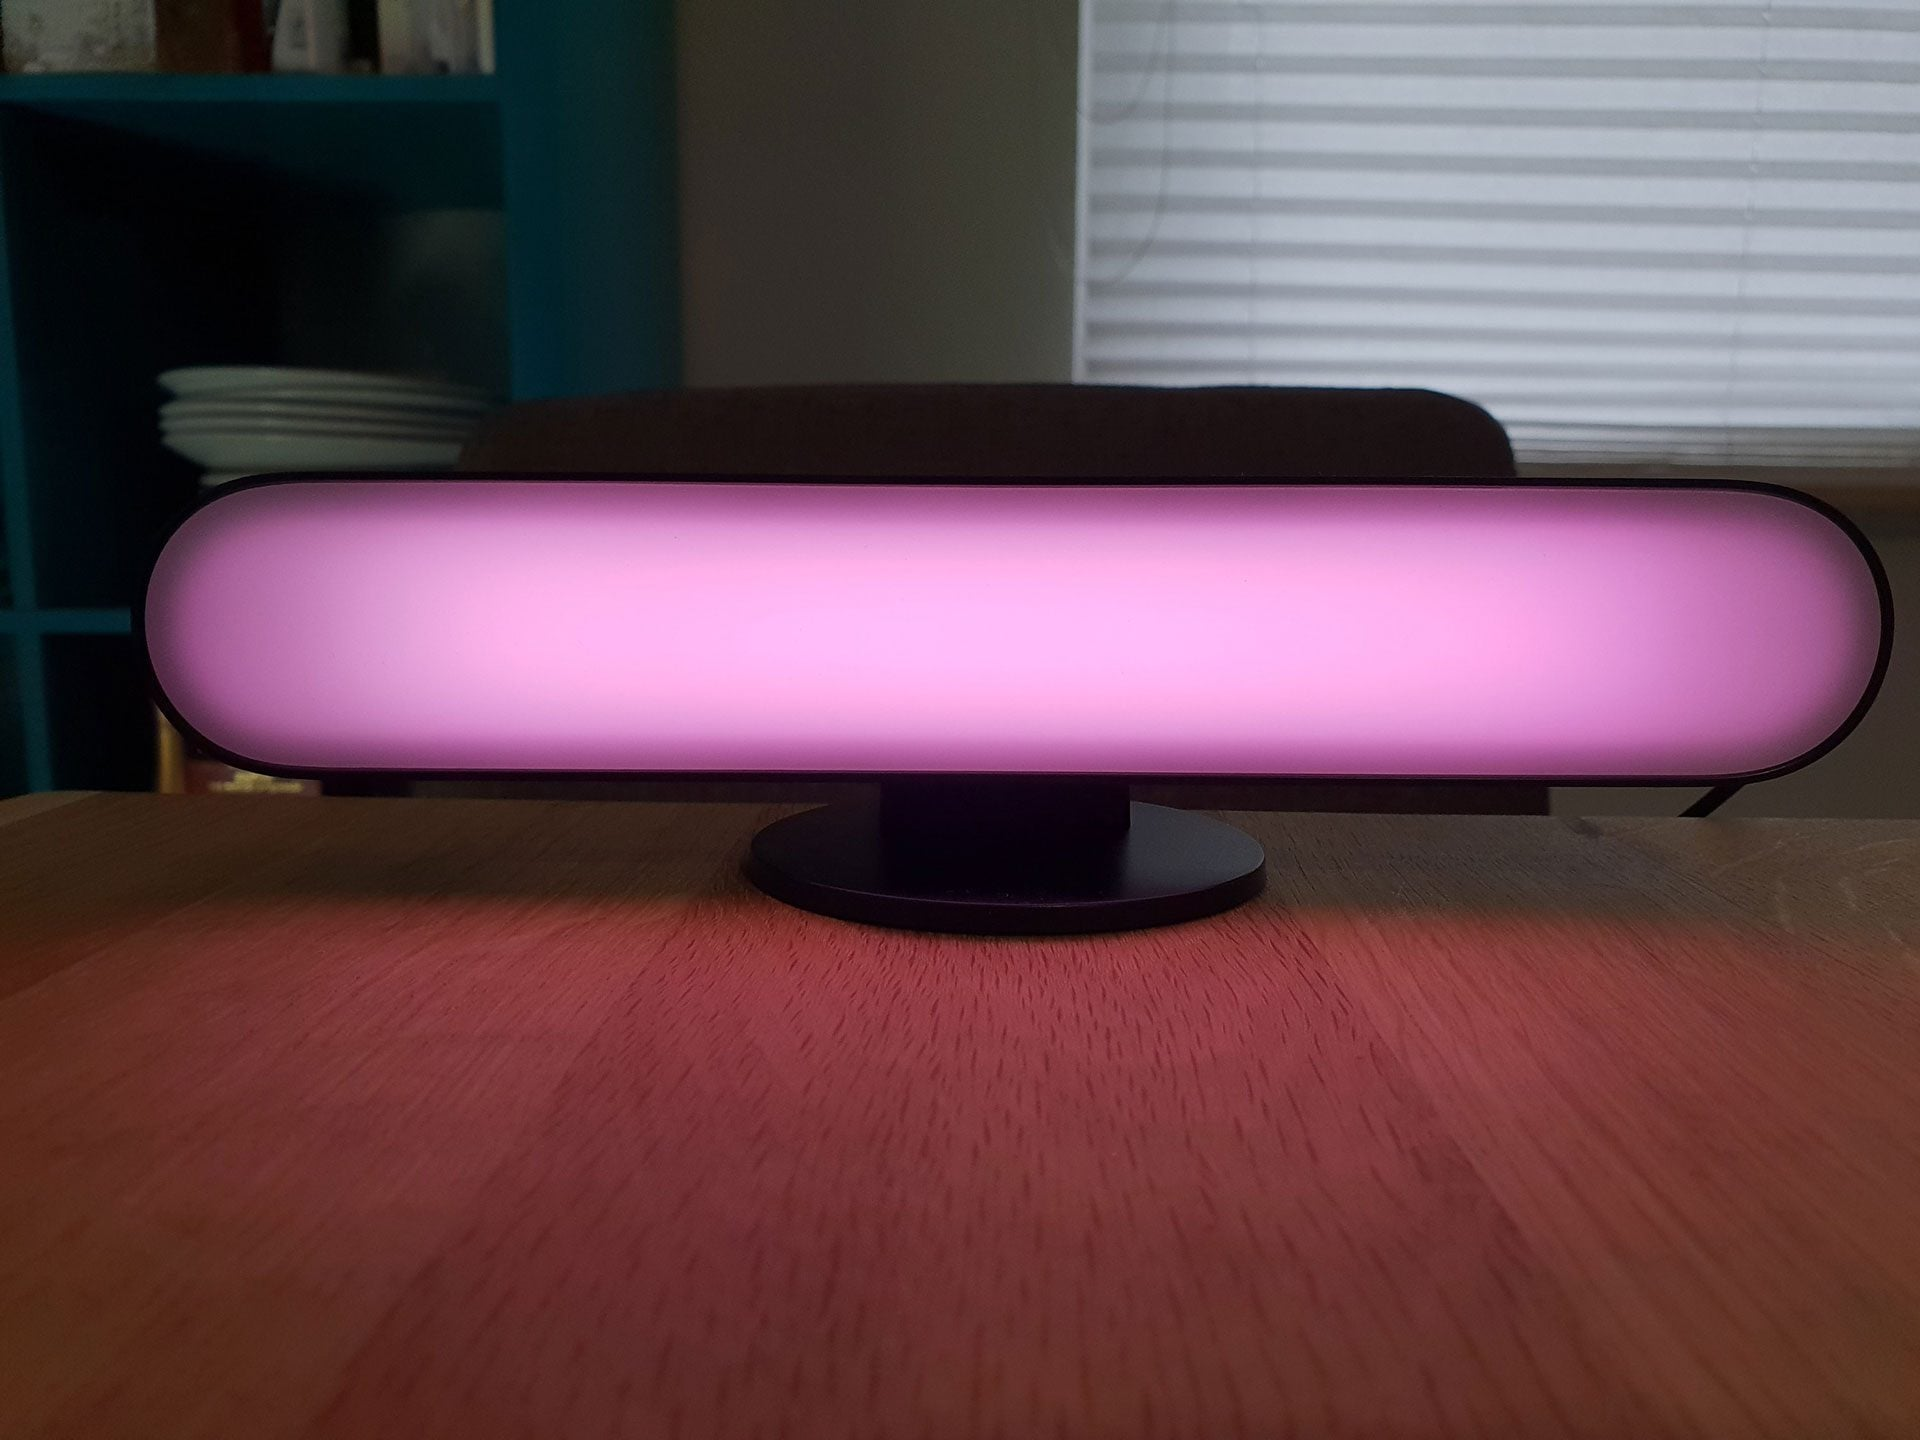 Philips Hue Play Lightbar im Test: leider geil, aber ein wenig nutzlos 1